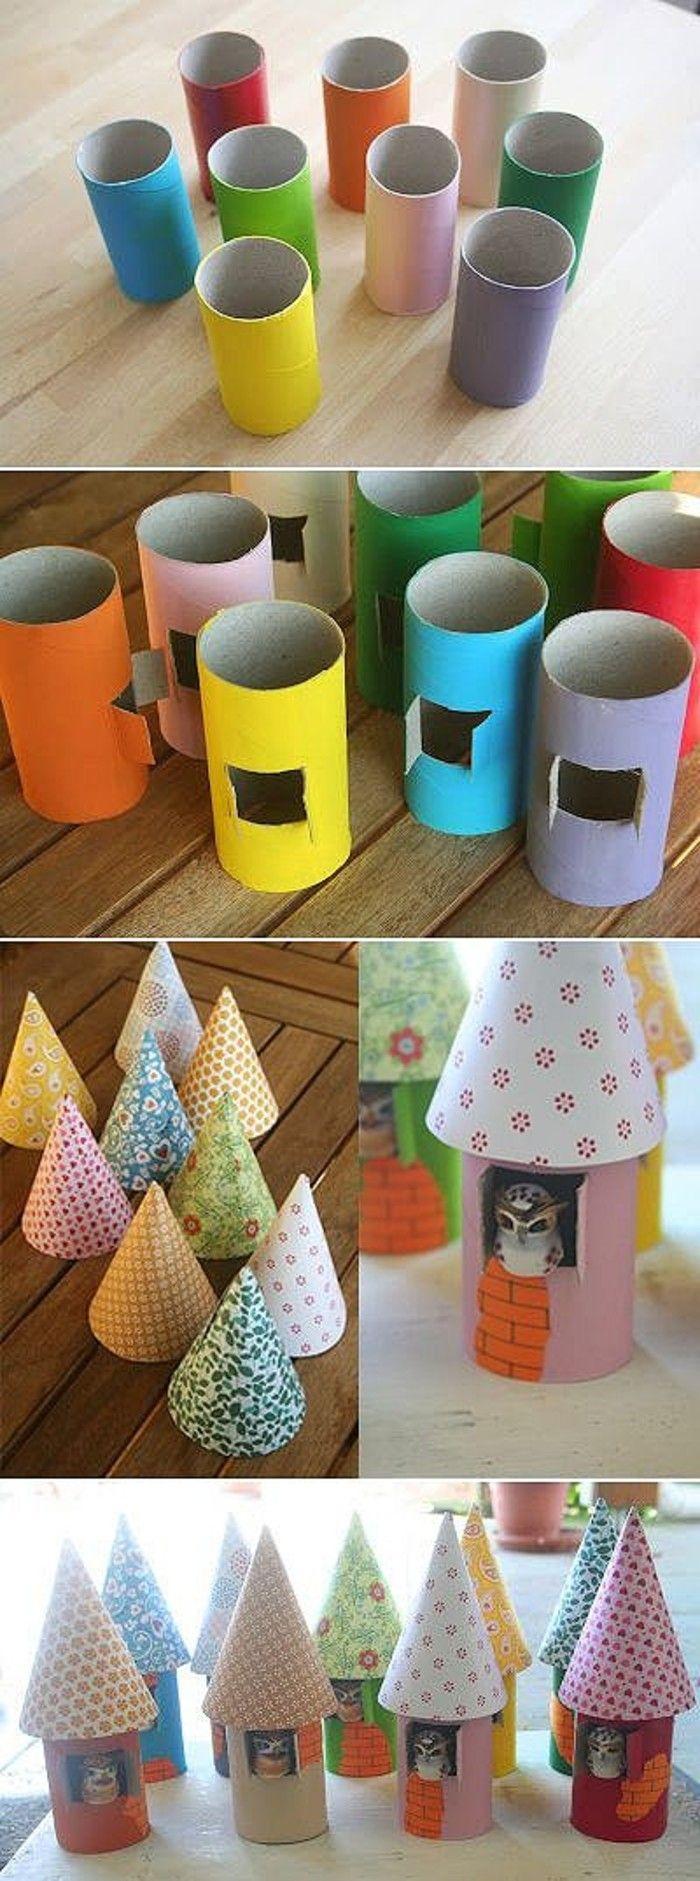 【儿童手工】卫生纸筒小圆顶房子